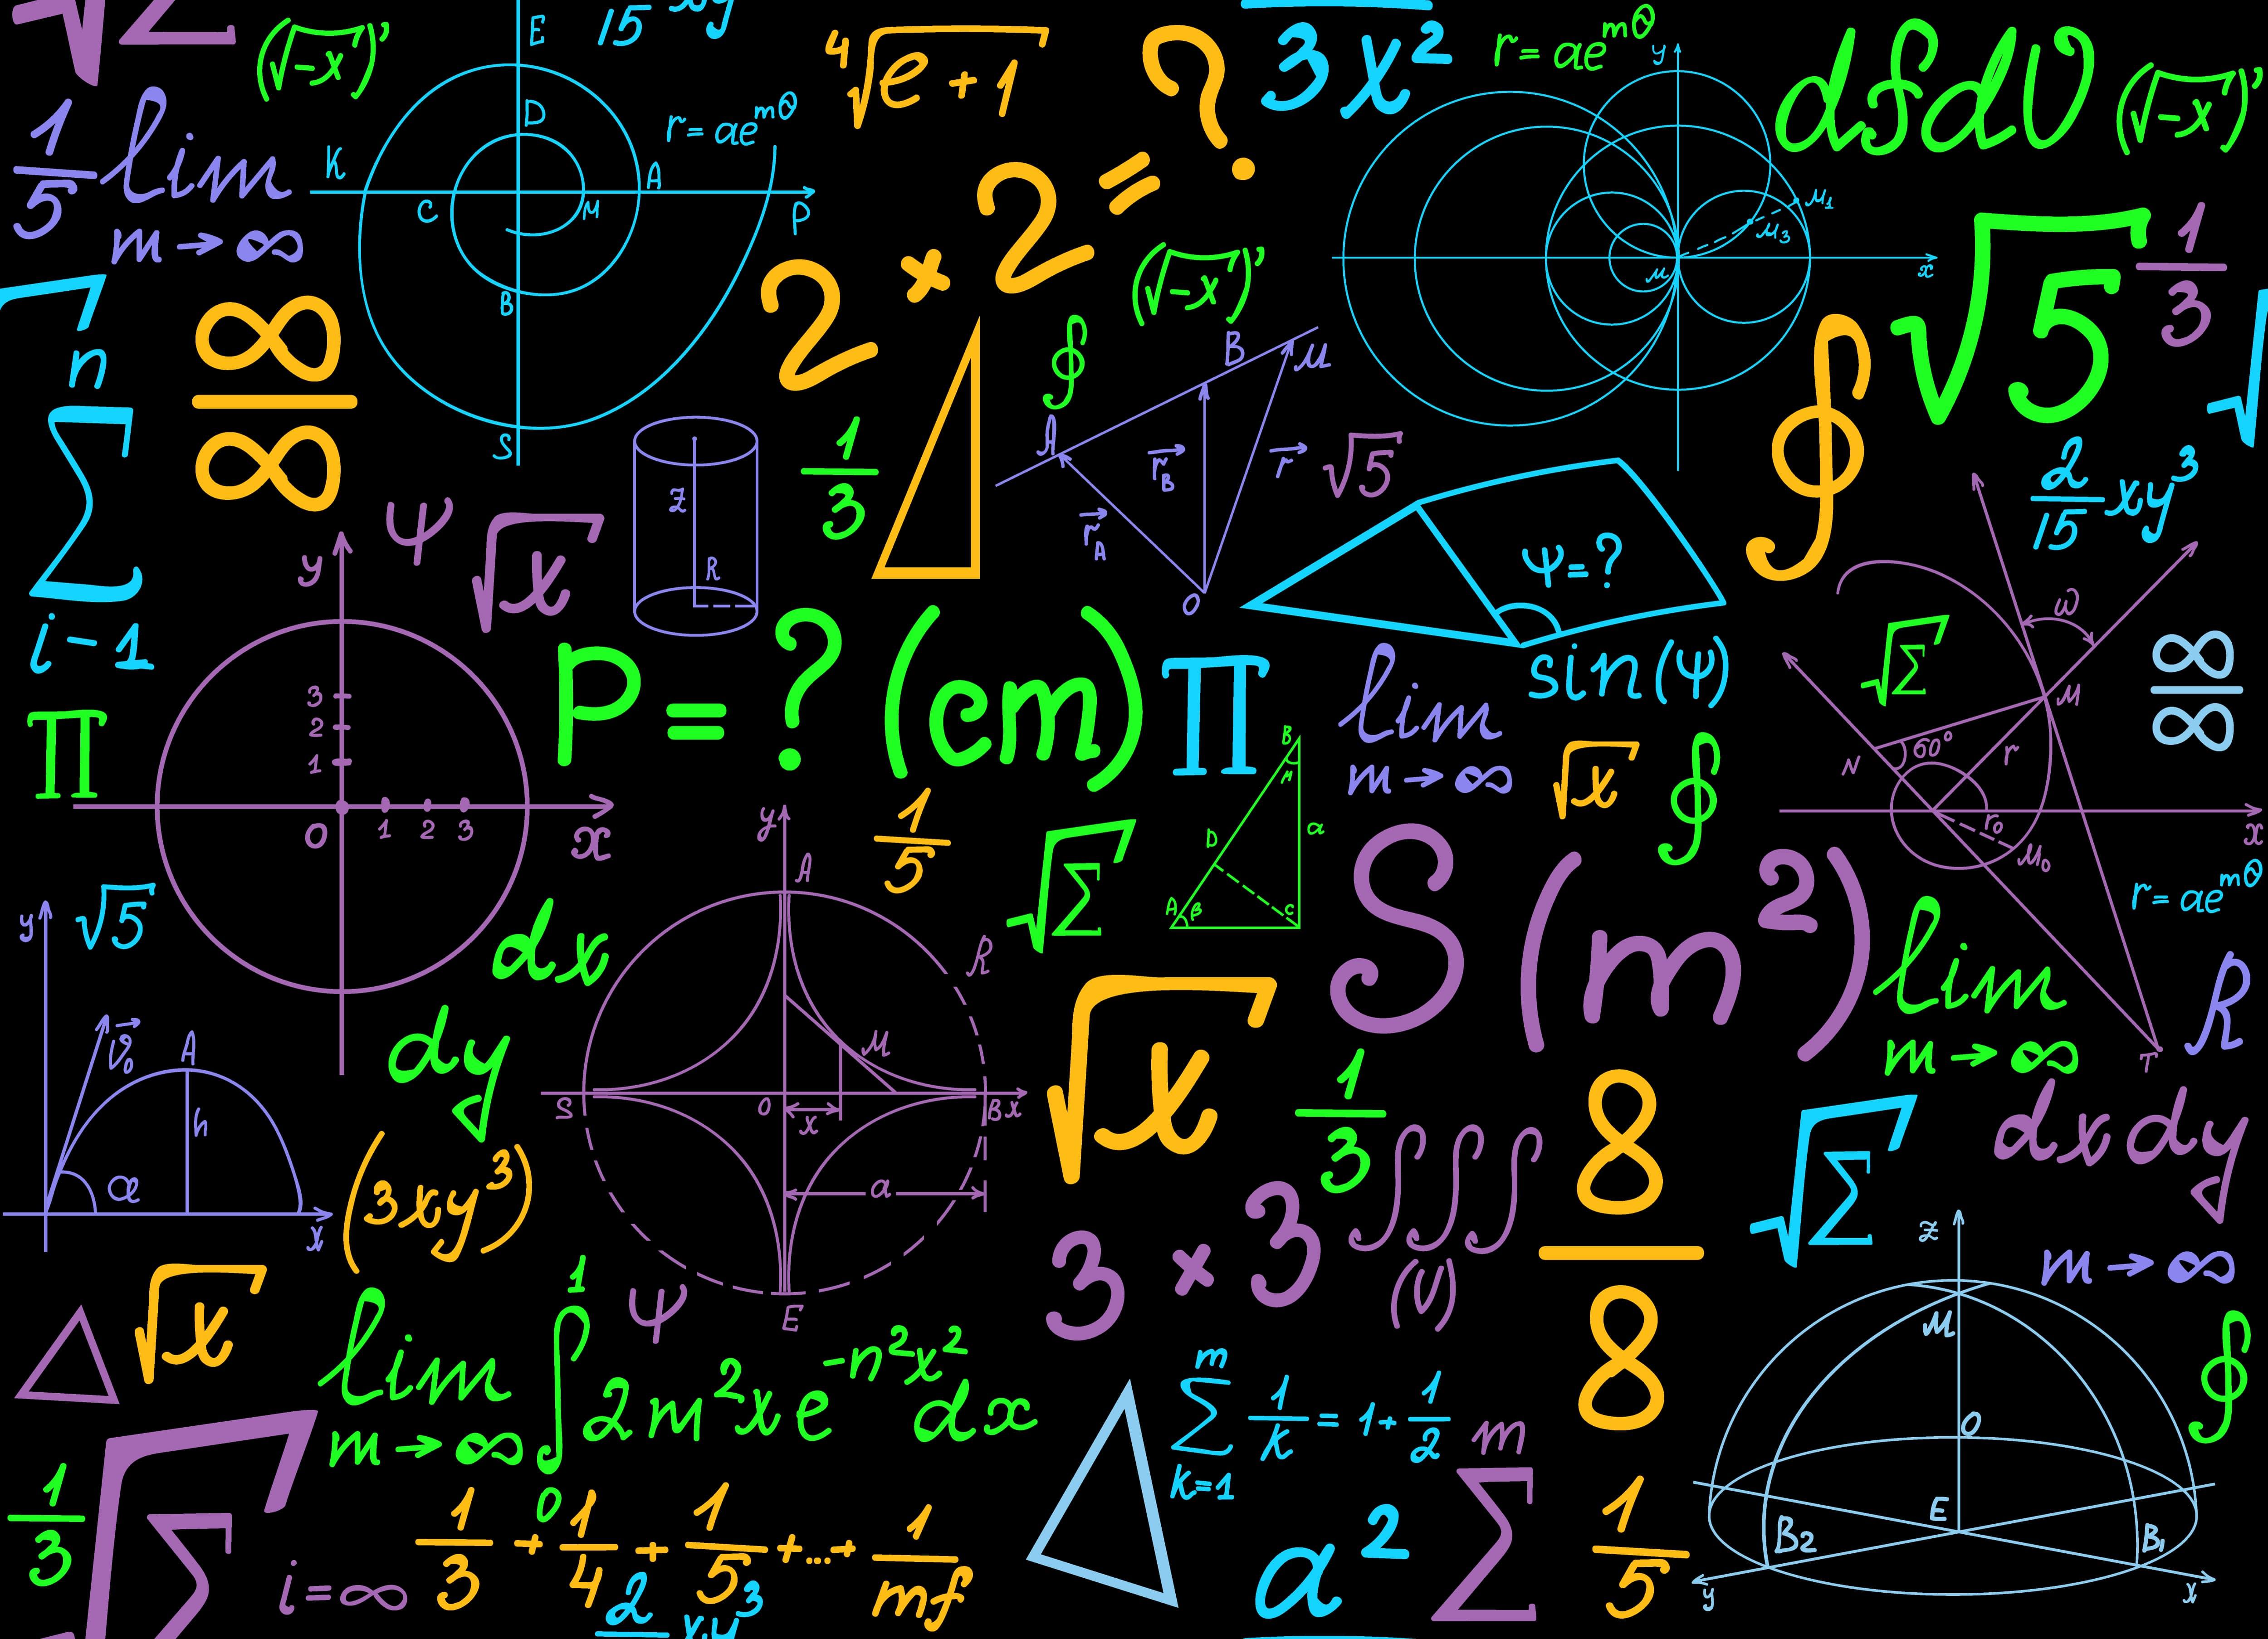 これが解けたら1億円!?💵 歴史上の天才たちが挑む『未解決問題』